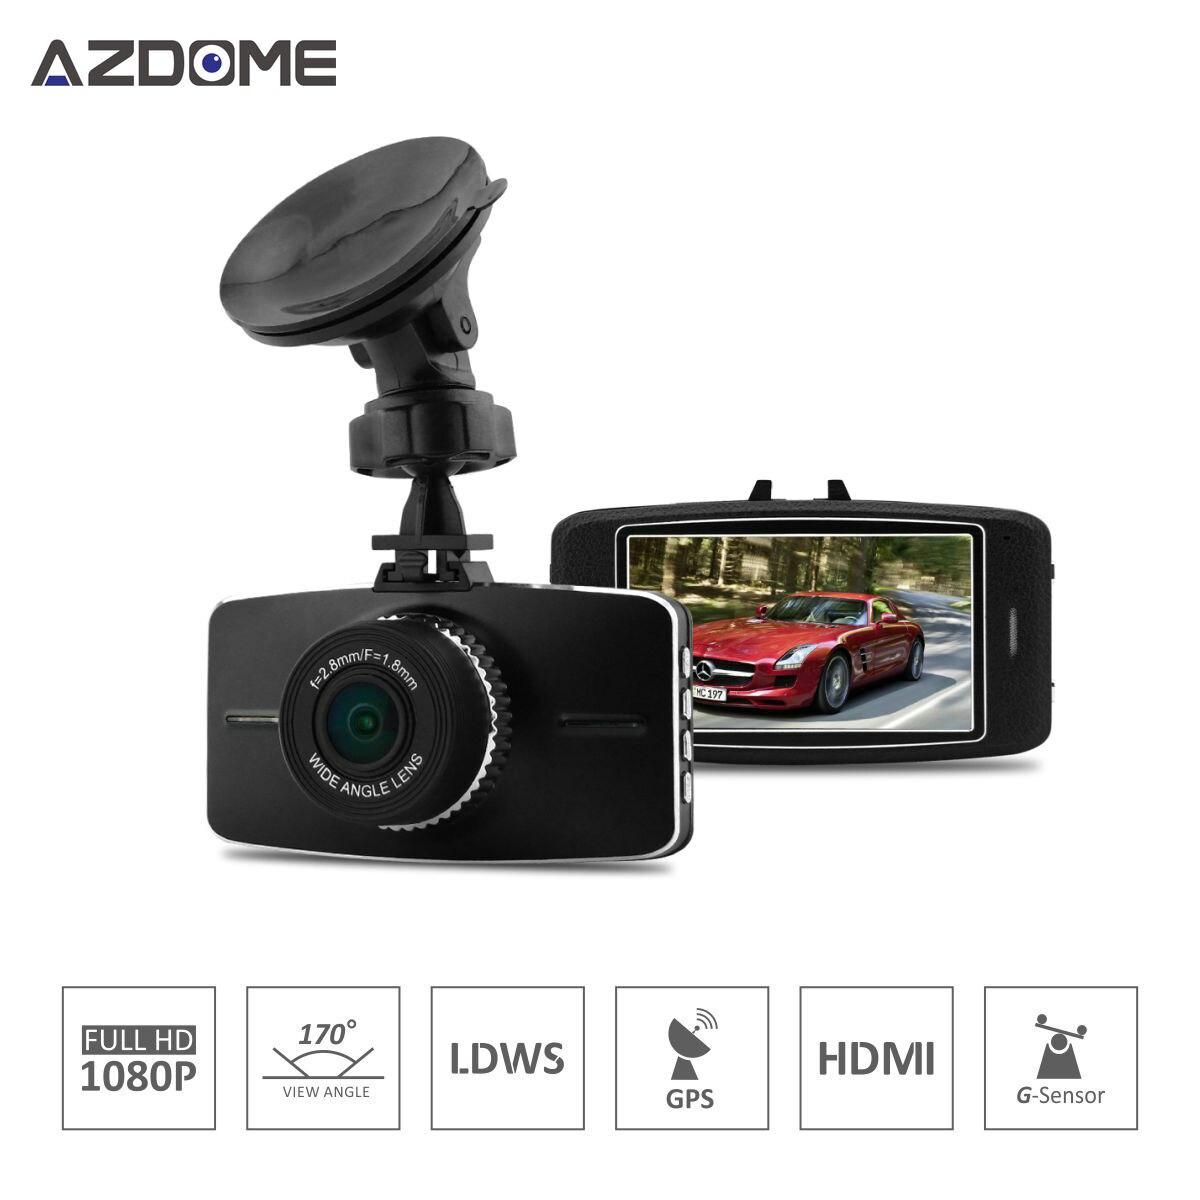 G5WA Dual Lens Car DVR Ambarella A7LA70 Full HD 1080P 30fps H.264 G-sensor ADAS Video Recorder Dash Cam dealcoo car dvr ambarella a7l50 car video recorder dash cam full hd 1296p 30fps 2 7 lcd g sensor hdr h 264 car camera gps gs90a